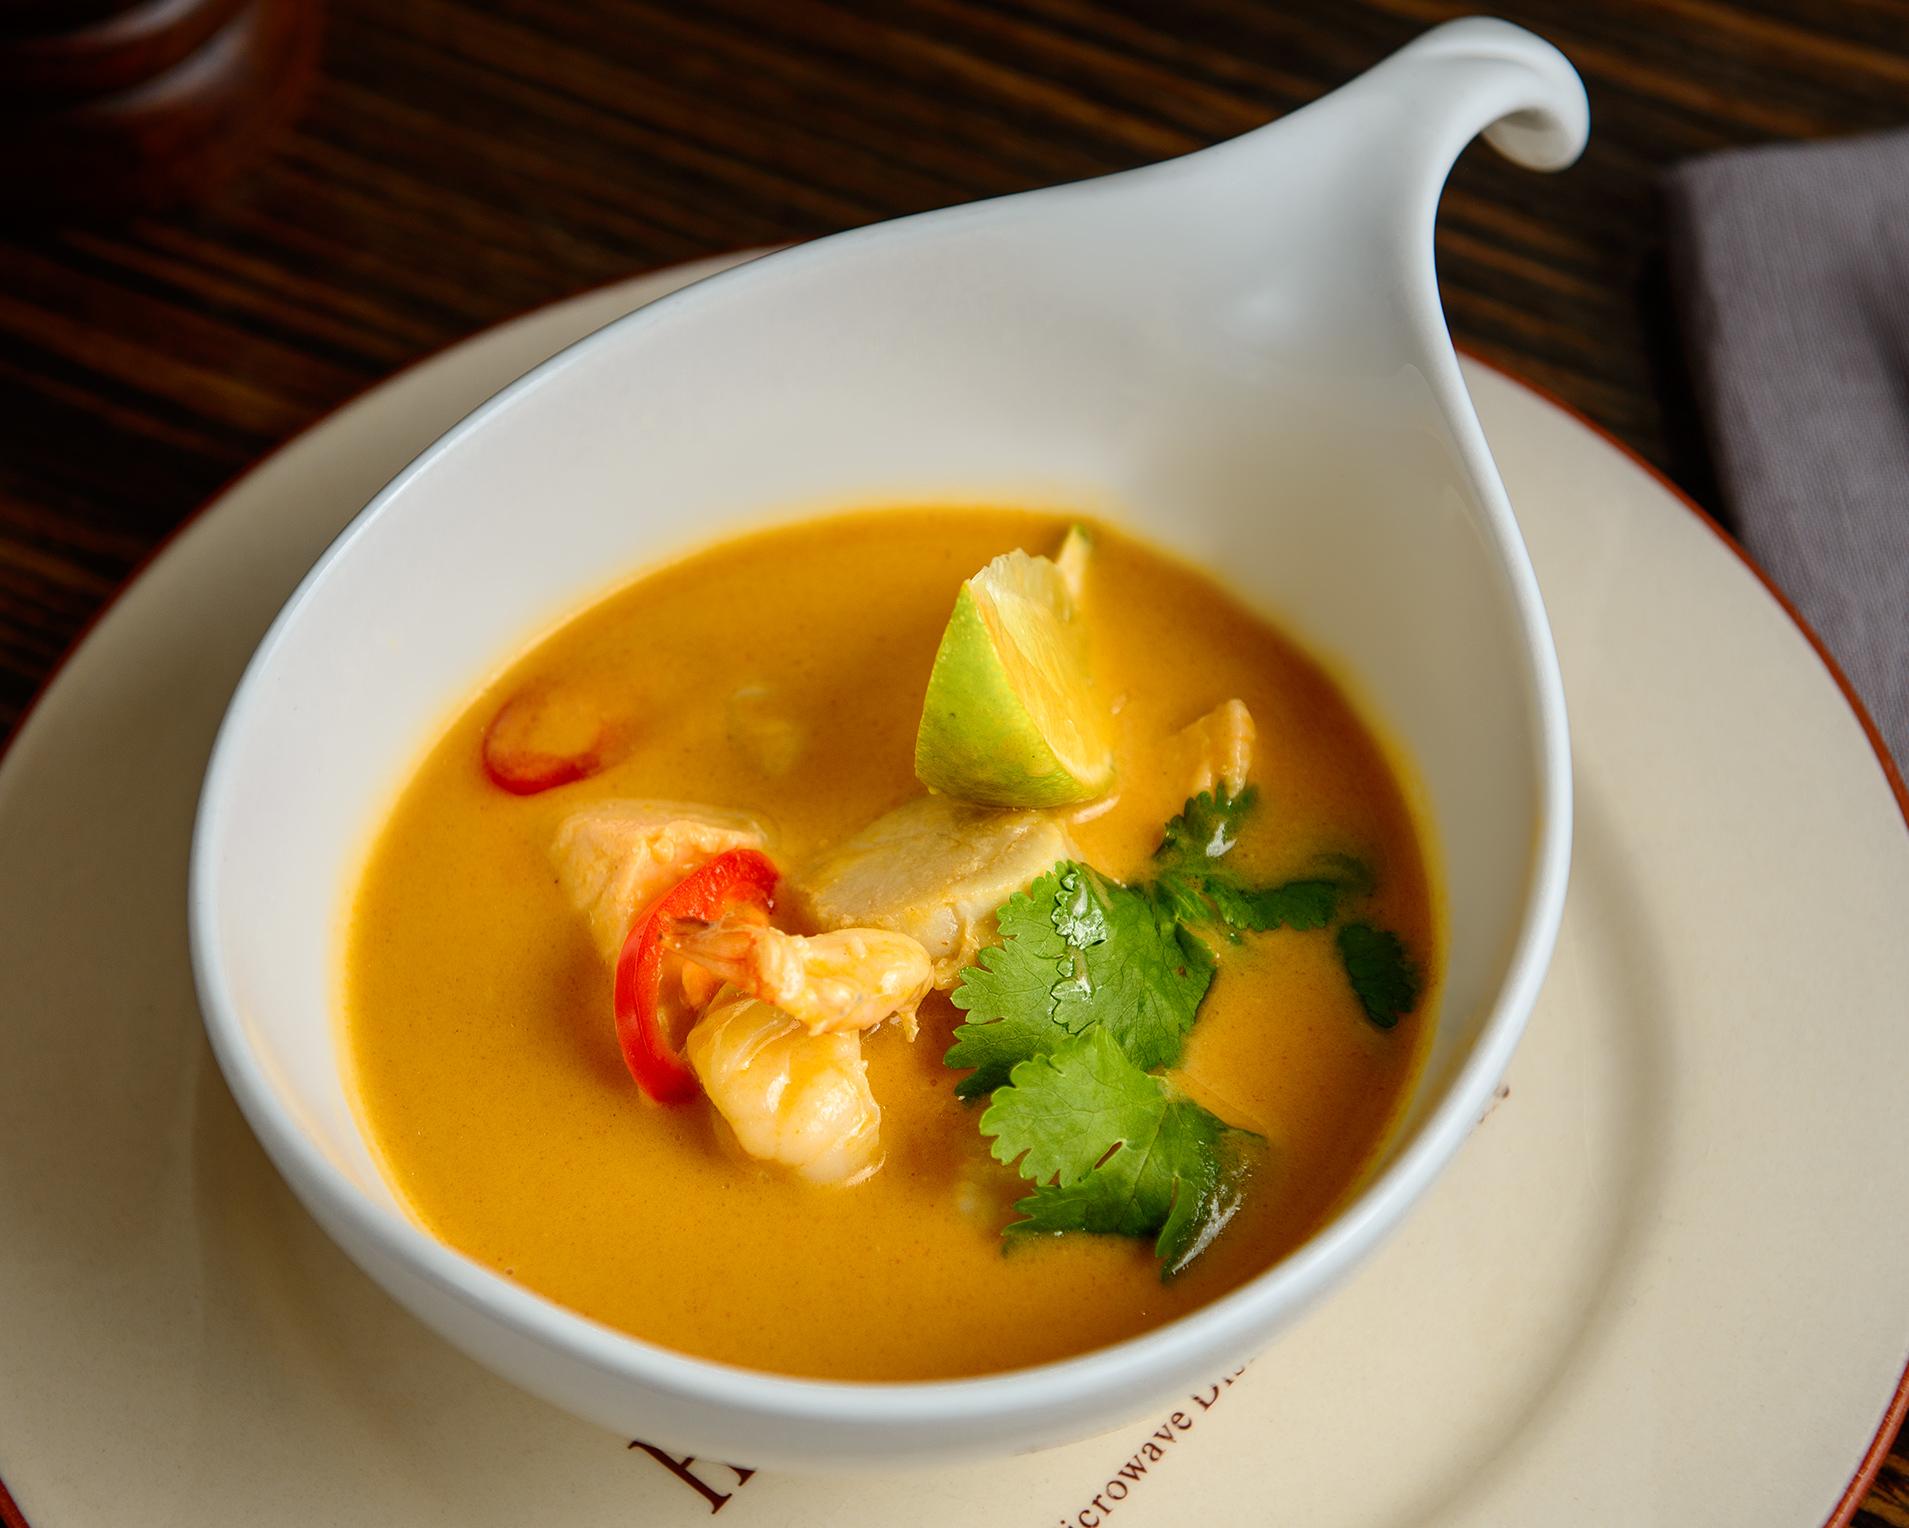 Burger&Crubs_Ulitsa_1905g_Тайский пикантный суп с морепродуктами